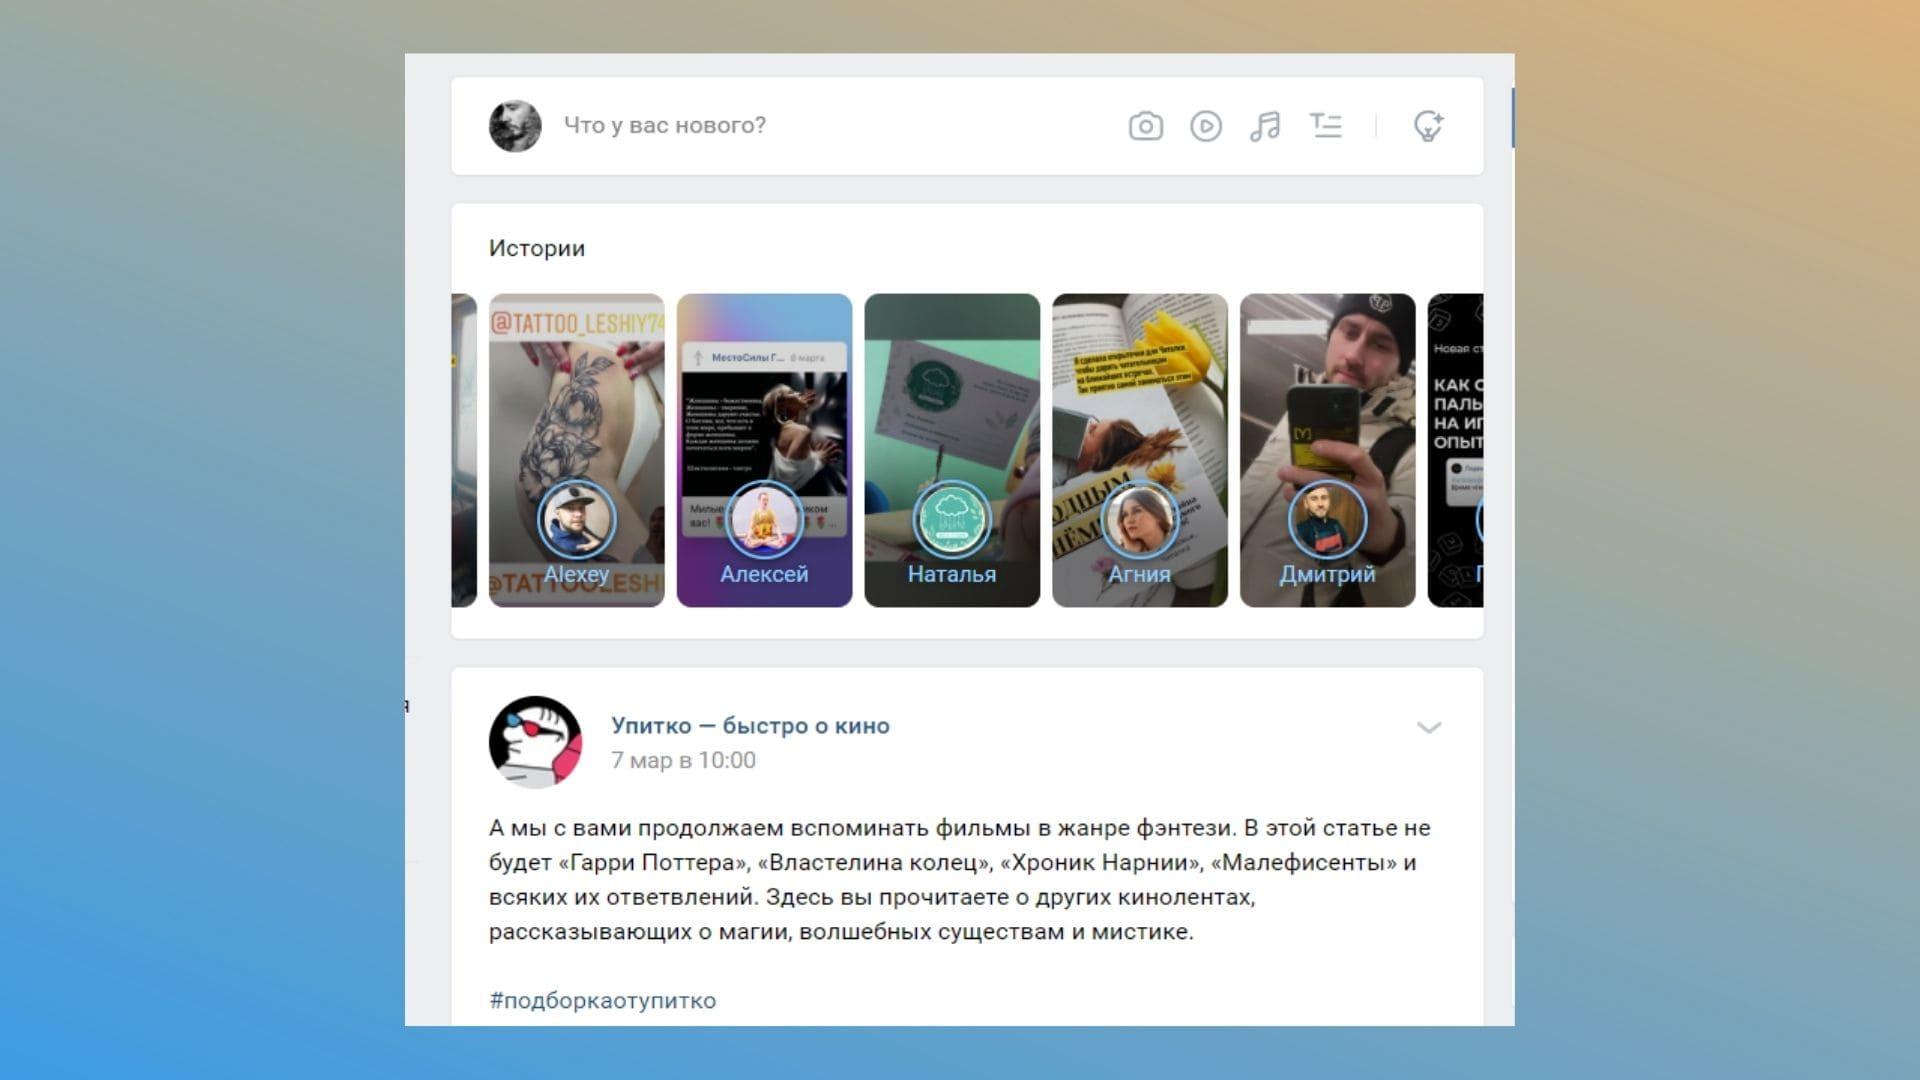 Истории в ВКонтакте практически ничем не отличаются от функционала в Инстаграме